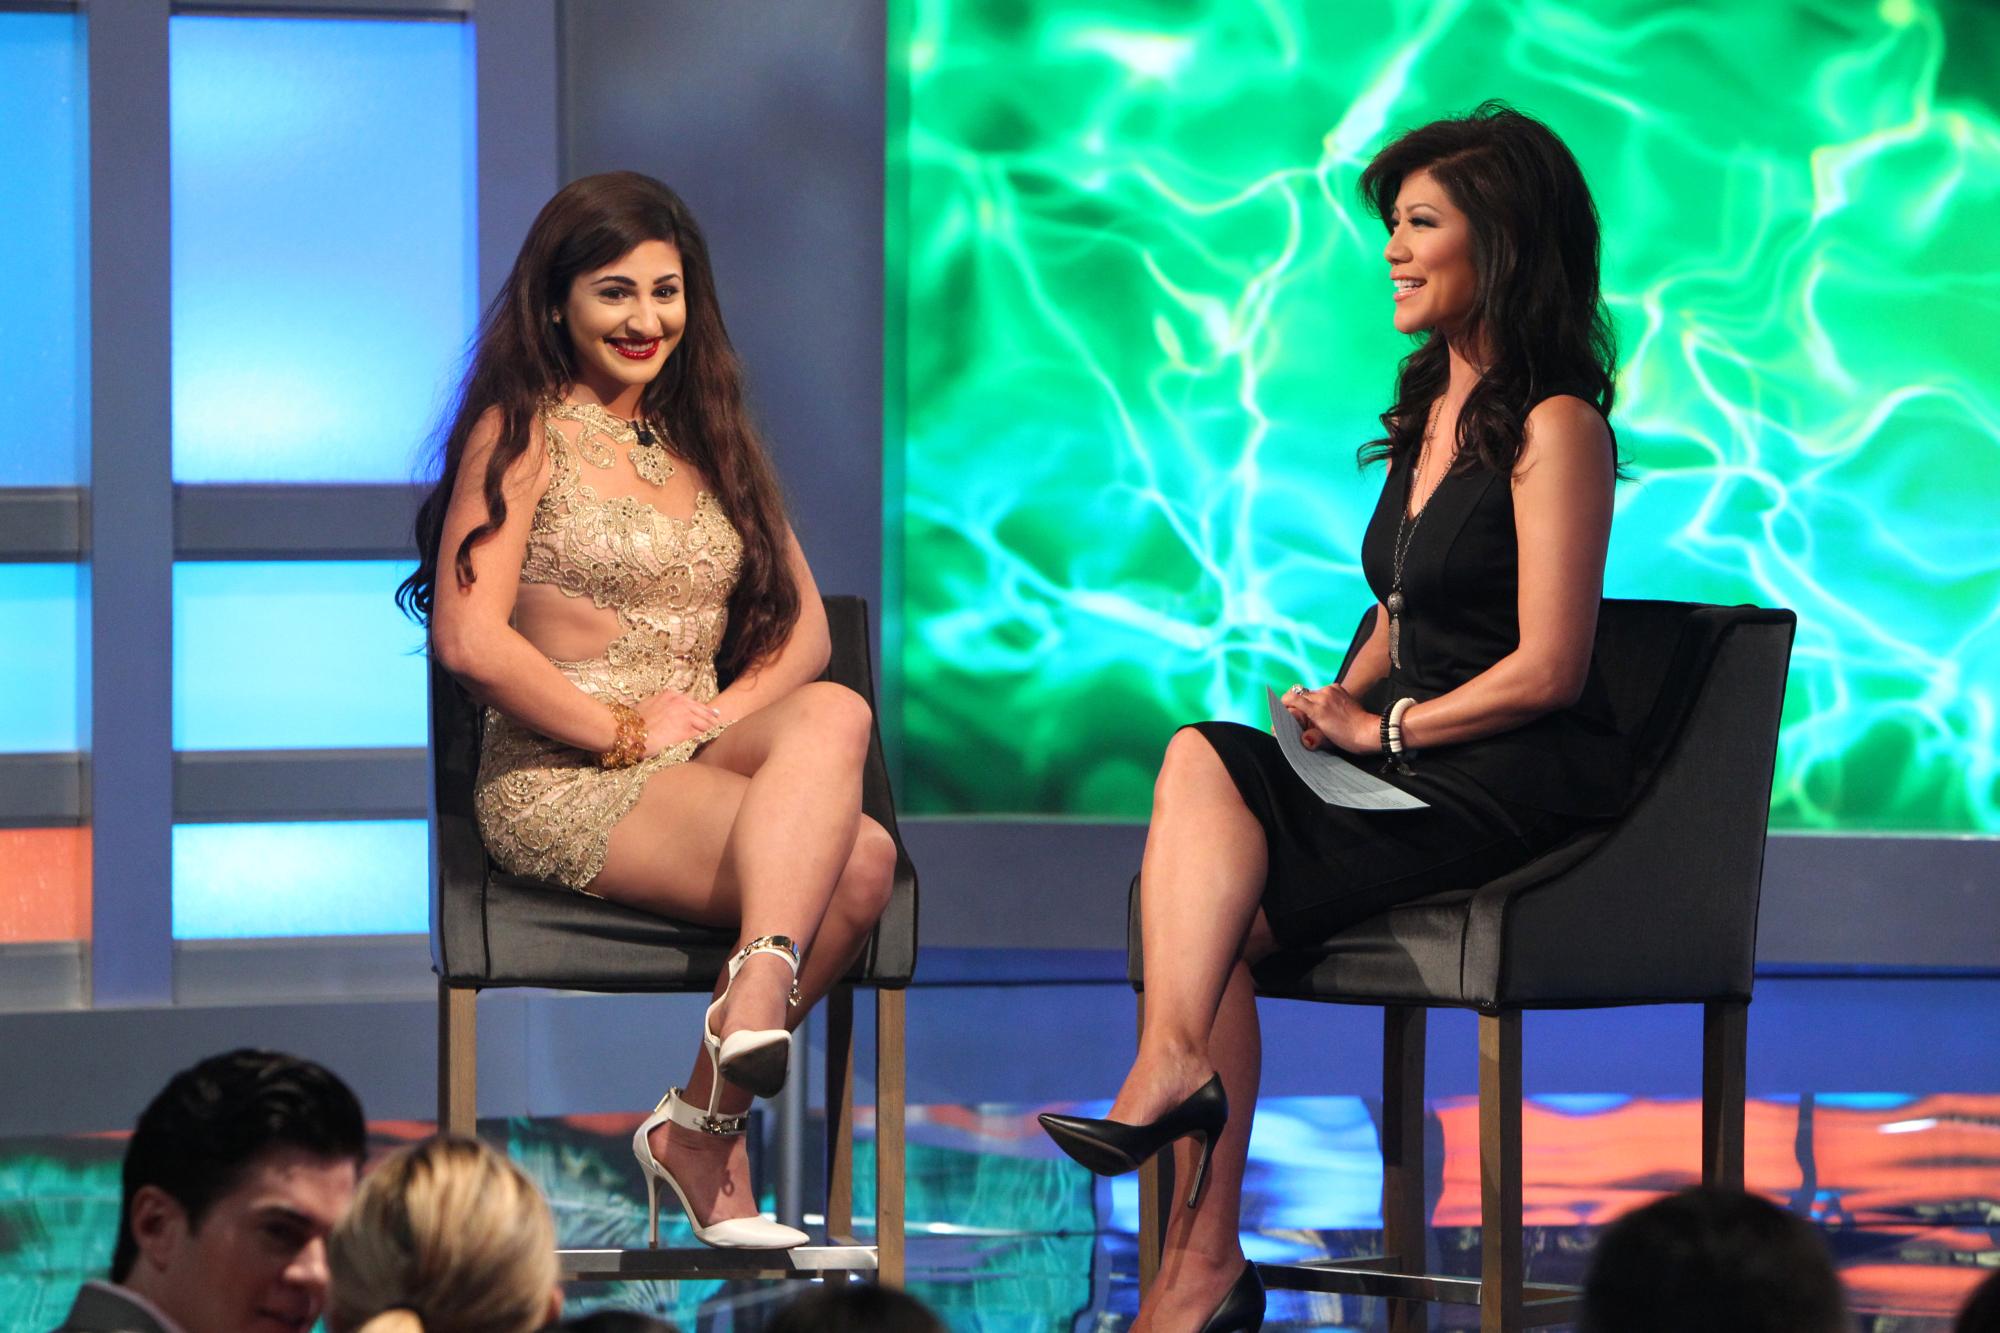 Victoria talks to Julie